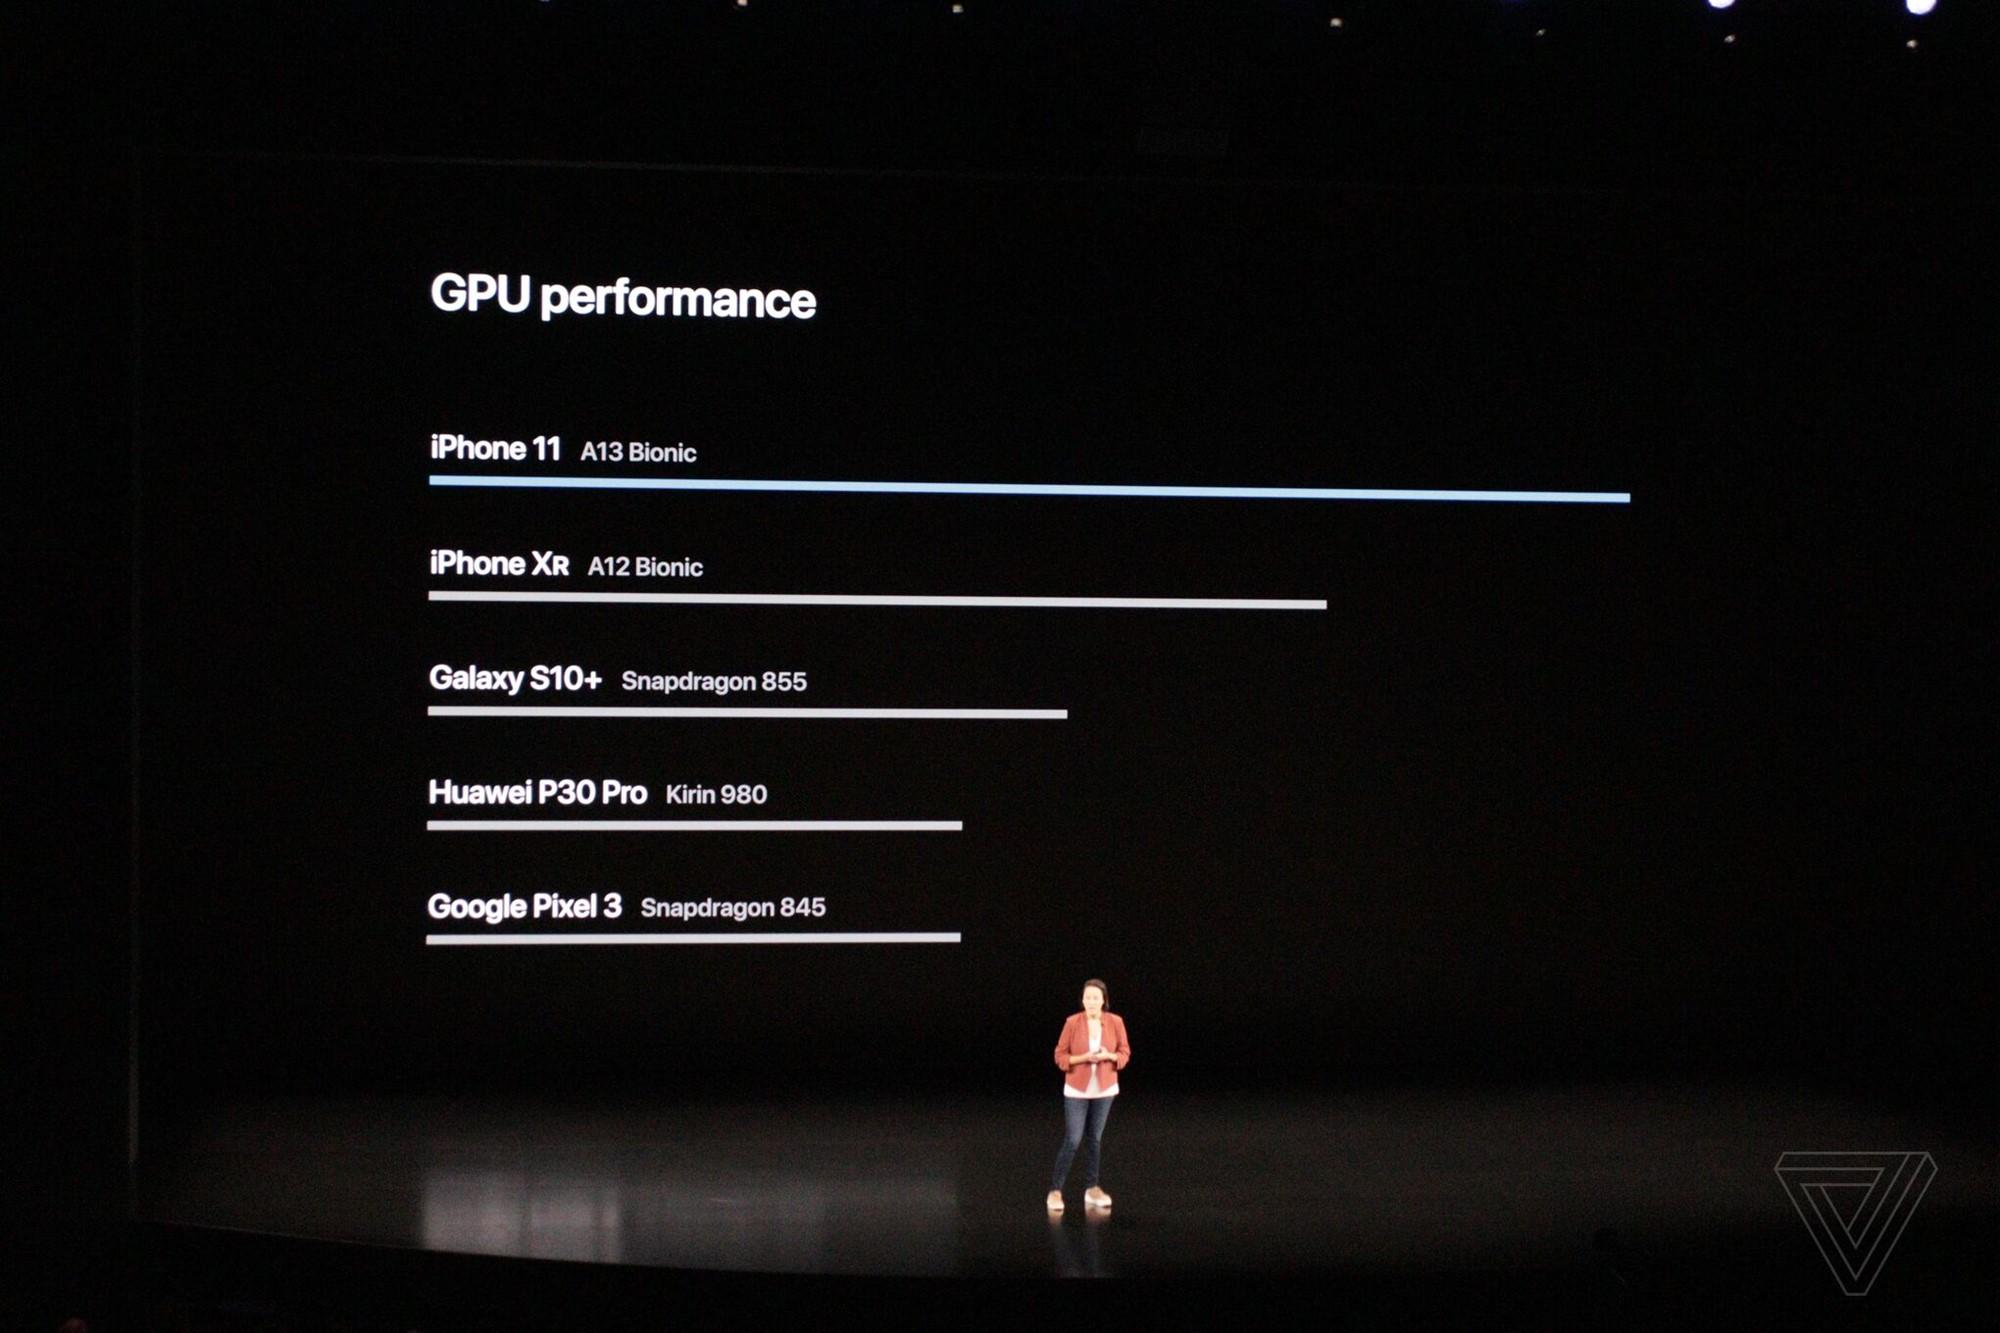 lcimg-c8c275c0-8b38-4c55-9f6b-9c74d16df940 Sự kiện công bố Apple iPhone 11 mới: Camera góc siêu rộng 120 độ, pin lớn hơn tới 5h so với iPhone XR, giá chỉ từ 699$